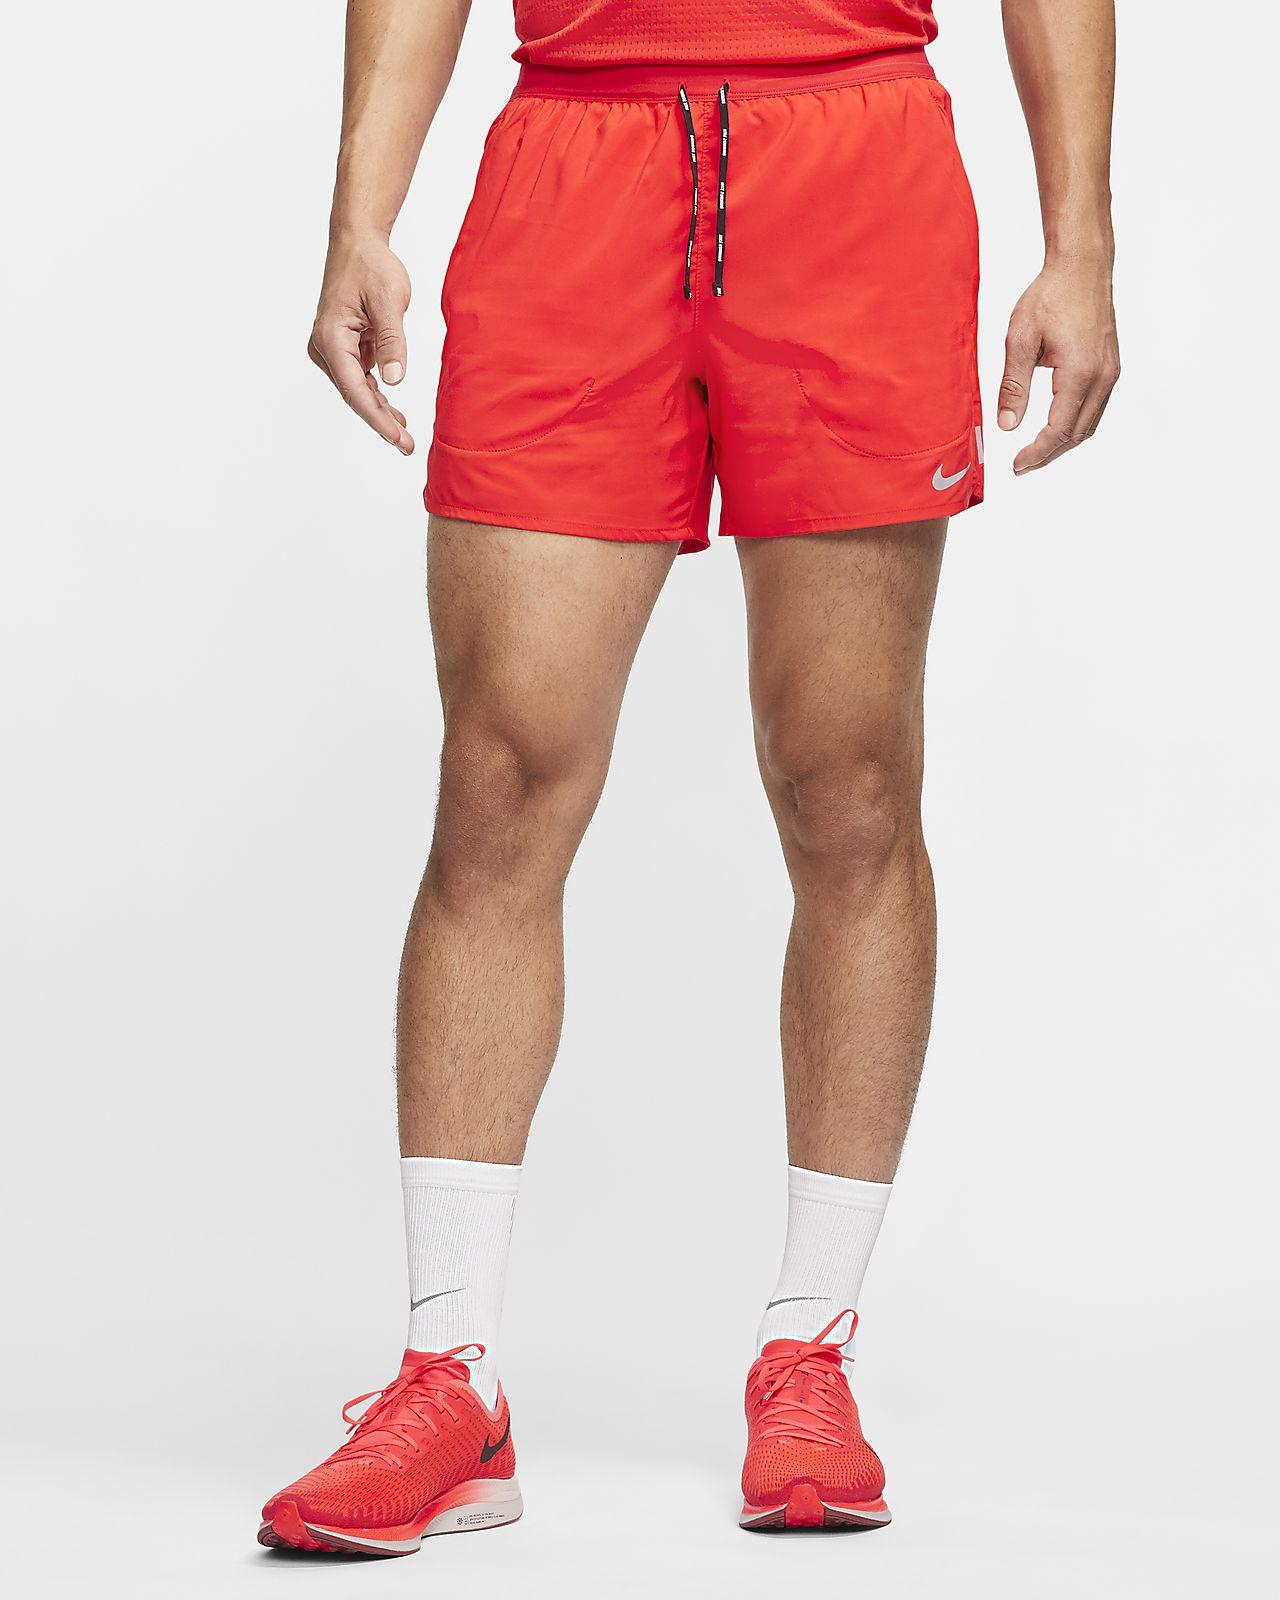 Pánské běžecké kraťasy Nike Flex Stride s všitými slipy (délka 13 cm)